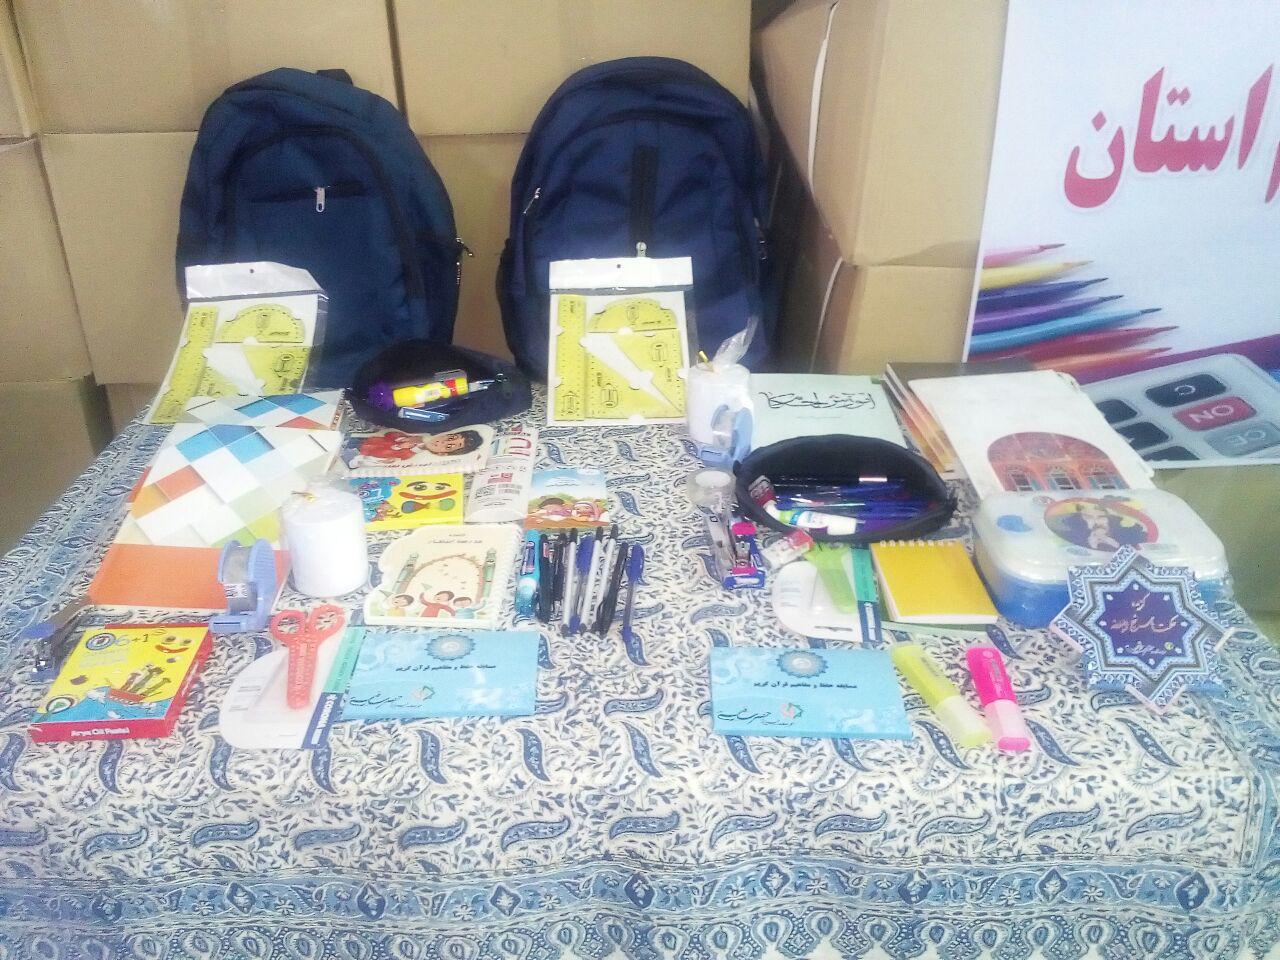 ۴۰۰ بسته اقلام تحصیلی بین دانش آموزان بی بضاعت حاشیه شهر مشهد توزیع میشود